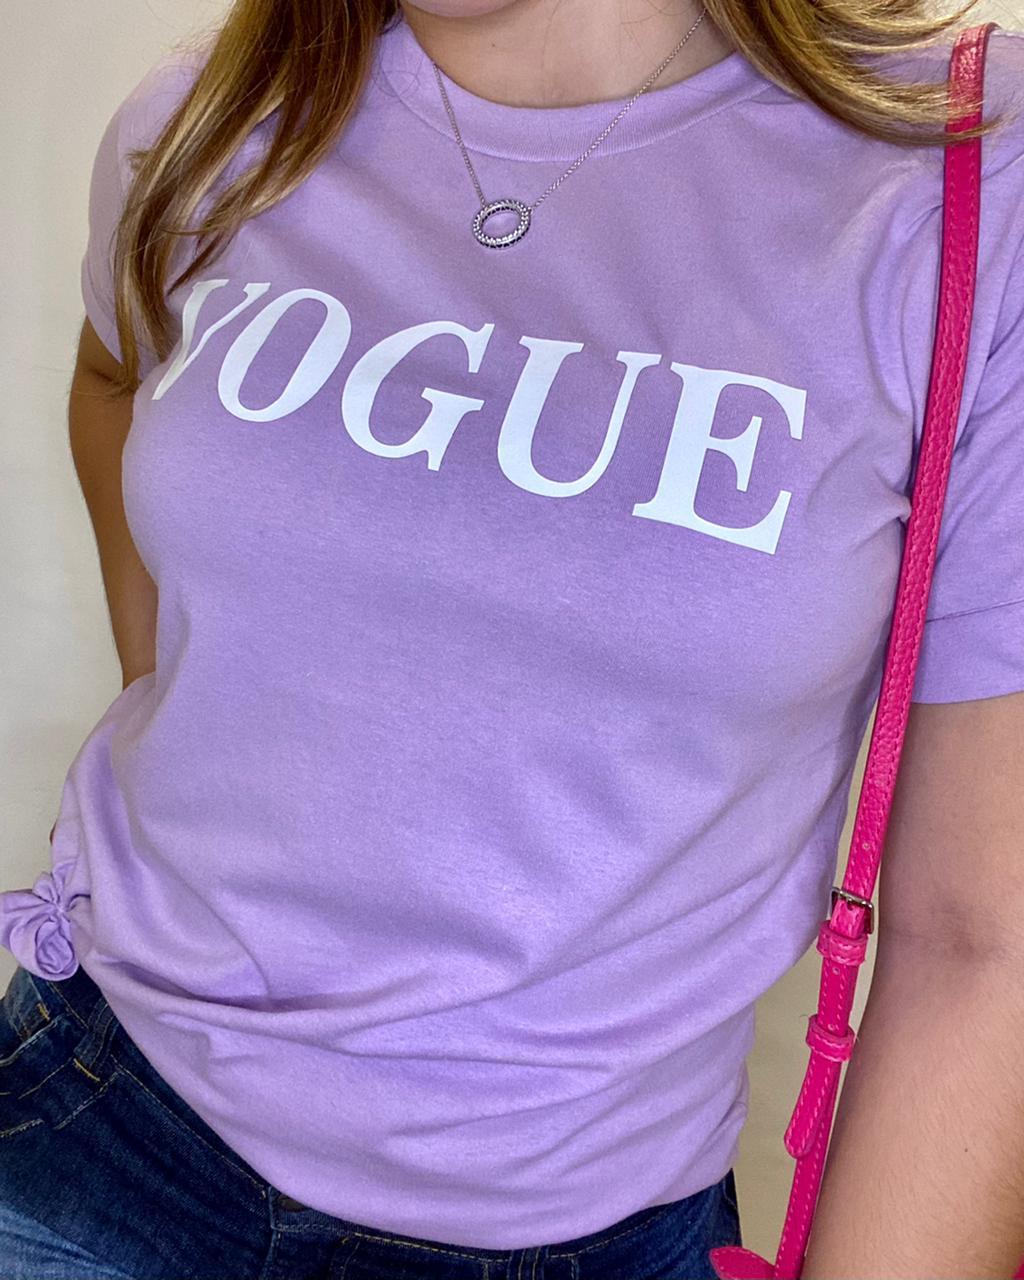 T-shirt Vogue